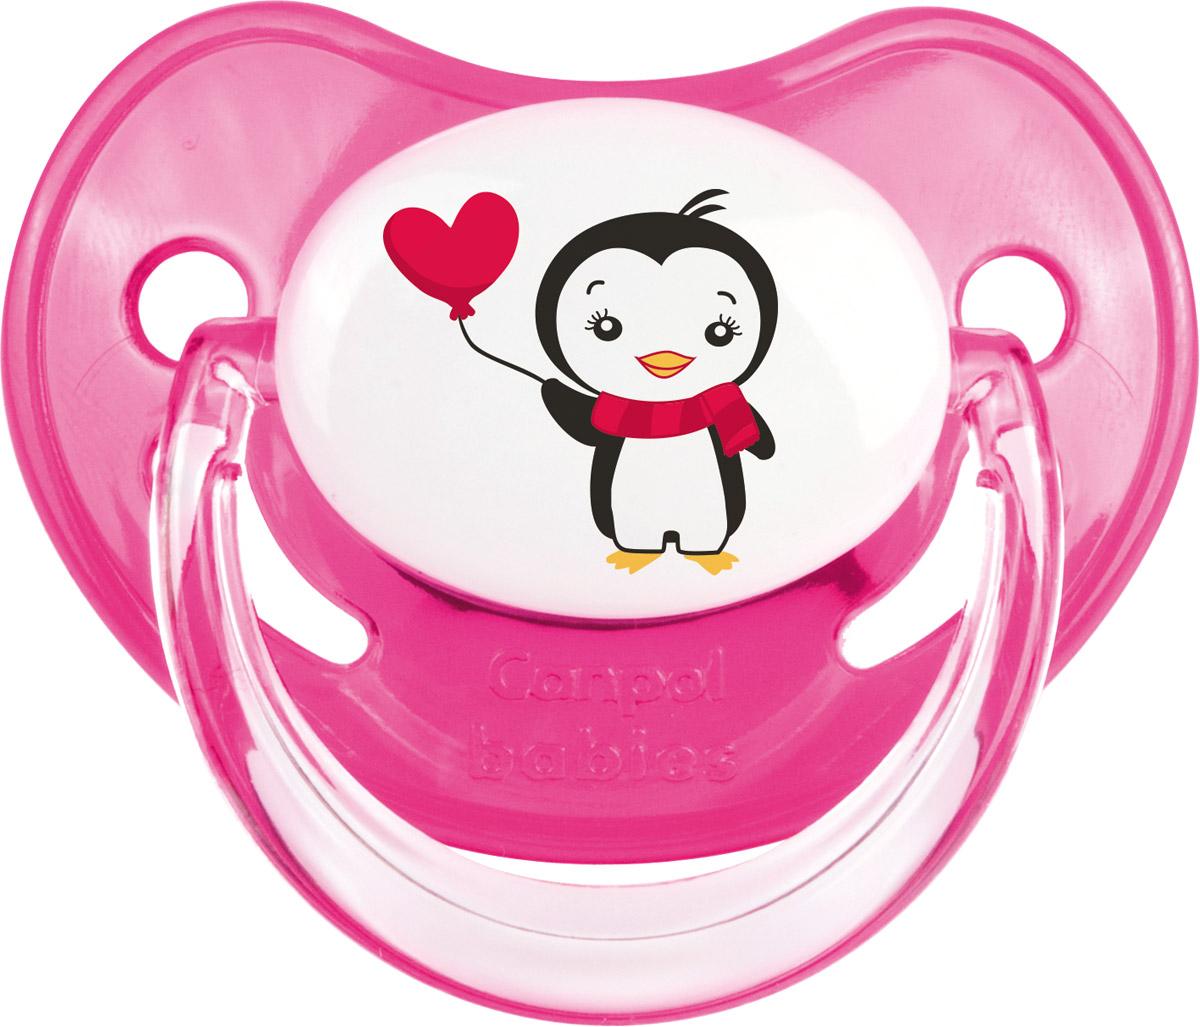 Canpol Babies Пустышка силиконовая ортодонтическая Penguins от 6 до 18 месяцев цвет розовый пустышка canpol фрукты силикон ортодонтическая от 6 месяцев розовый 22 551